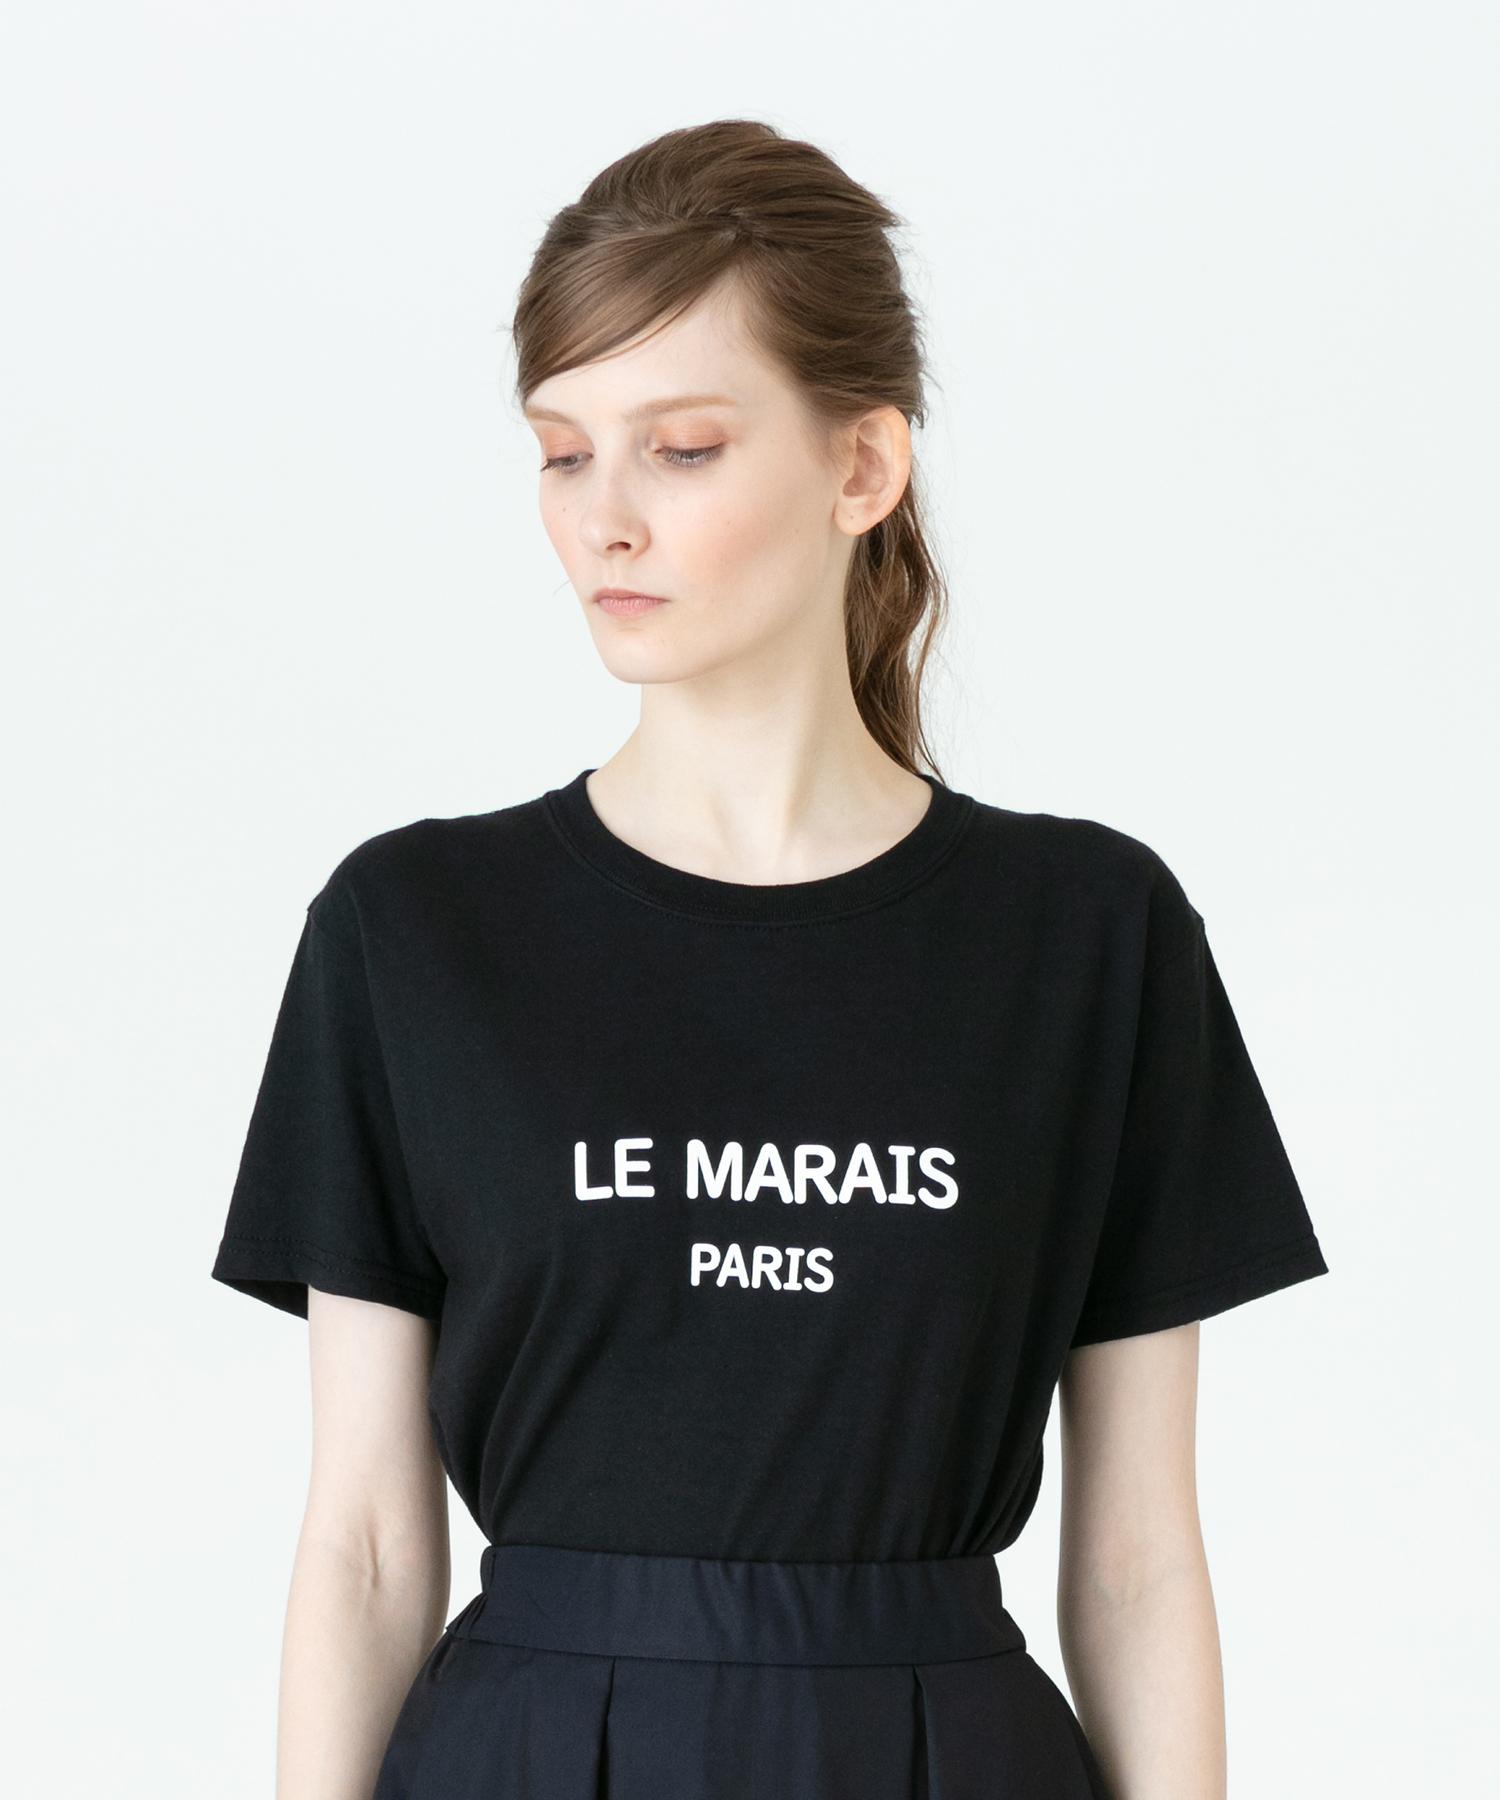 MARAIS PARIS T